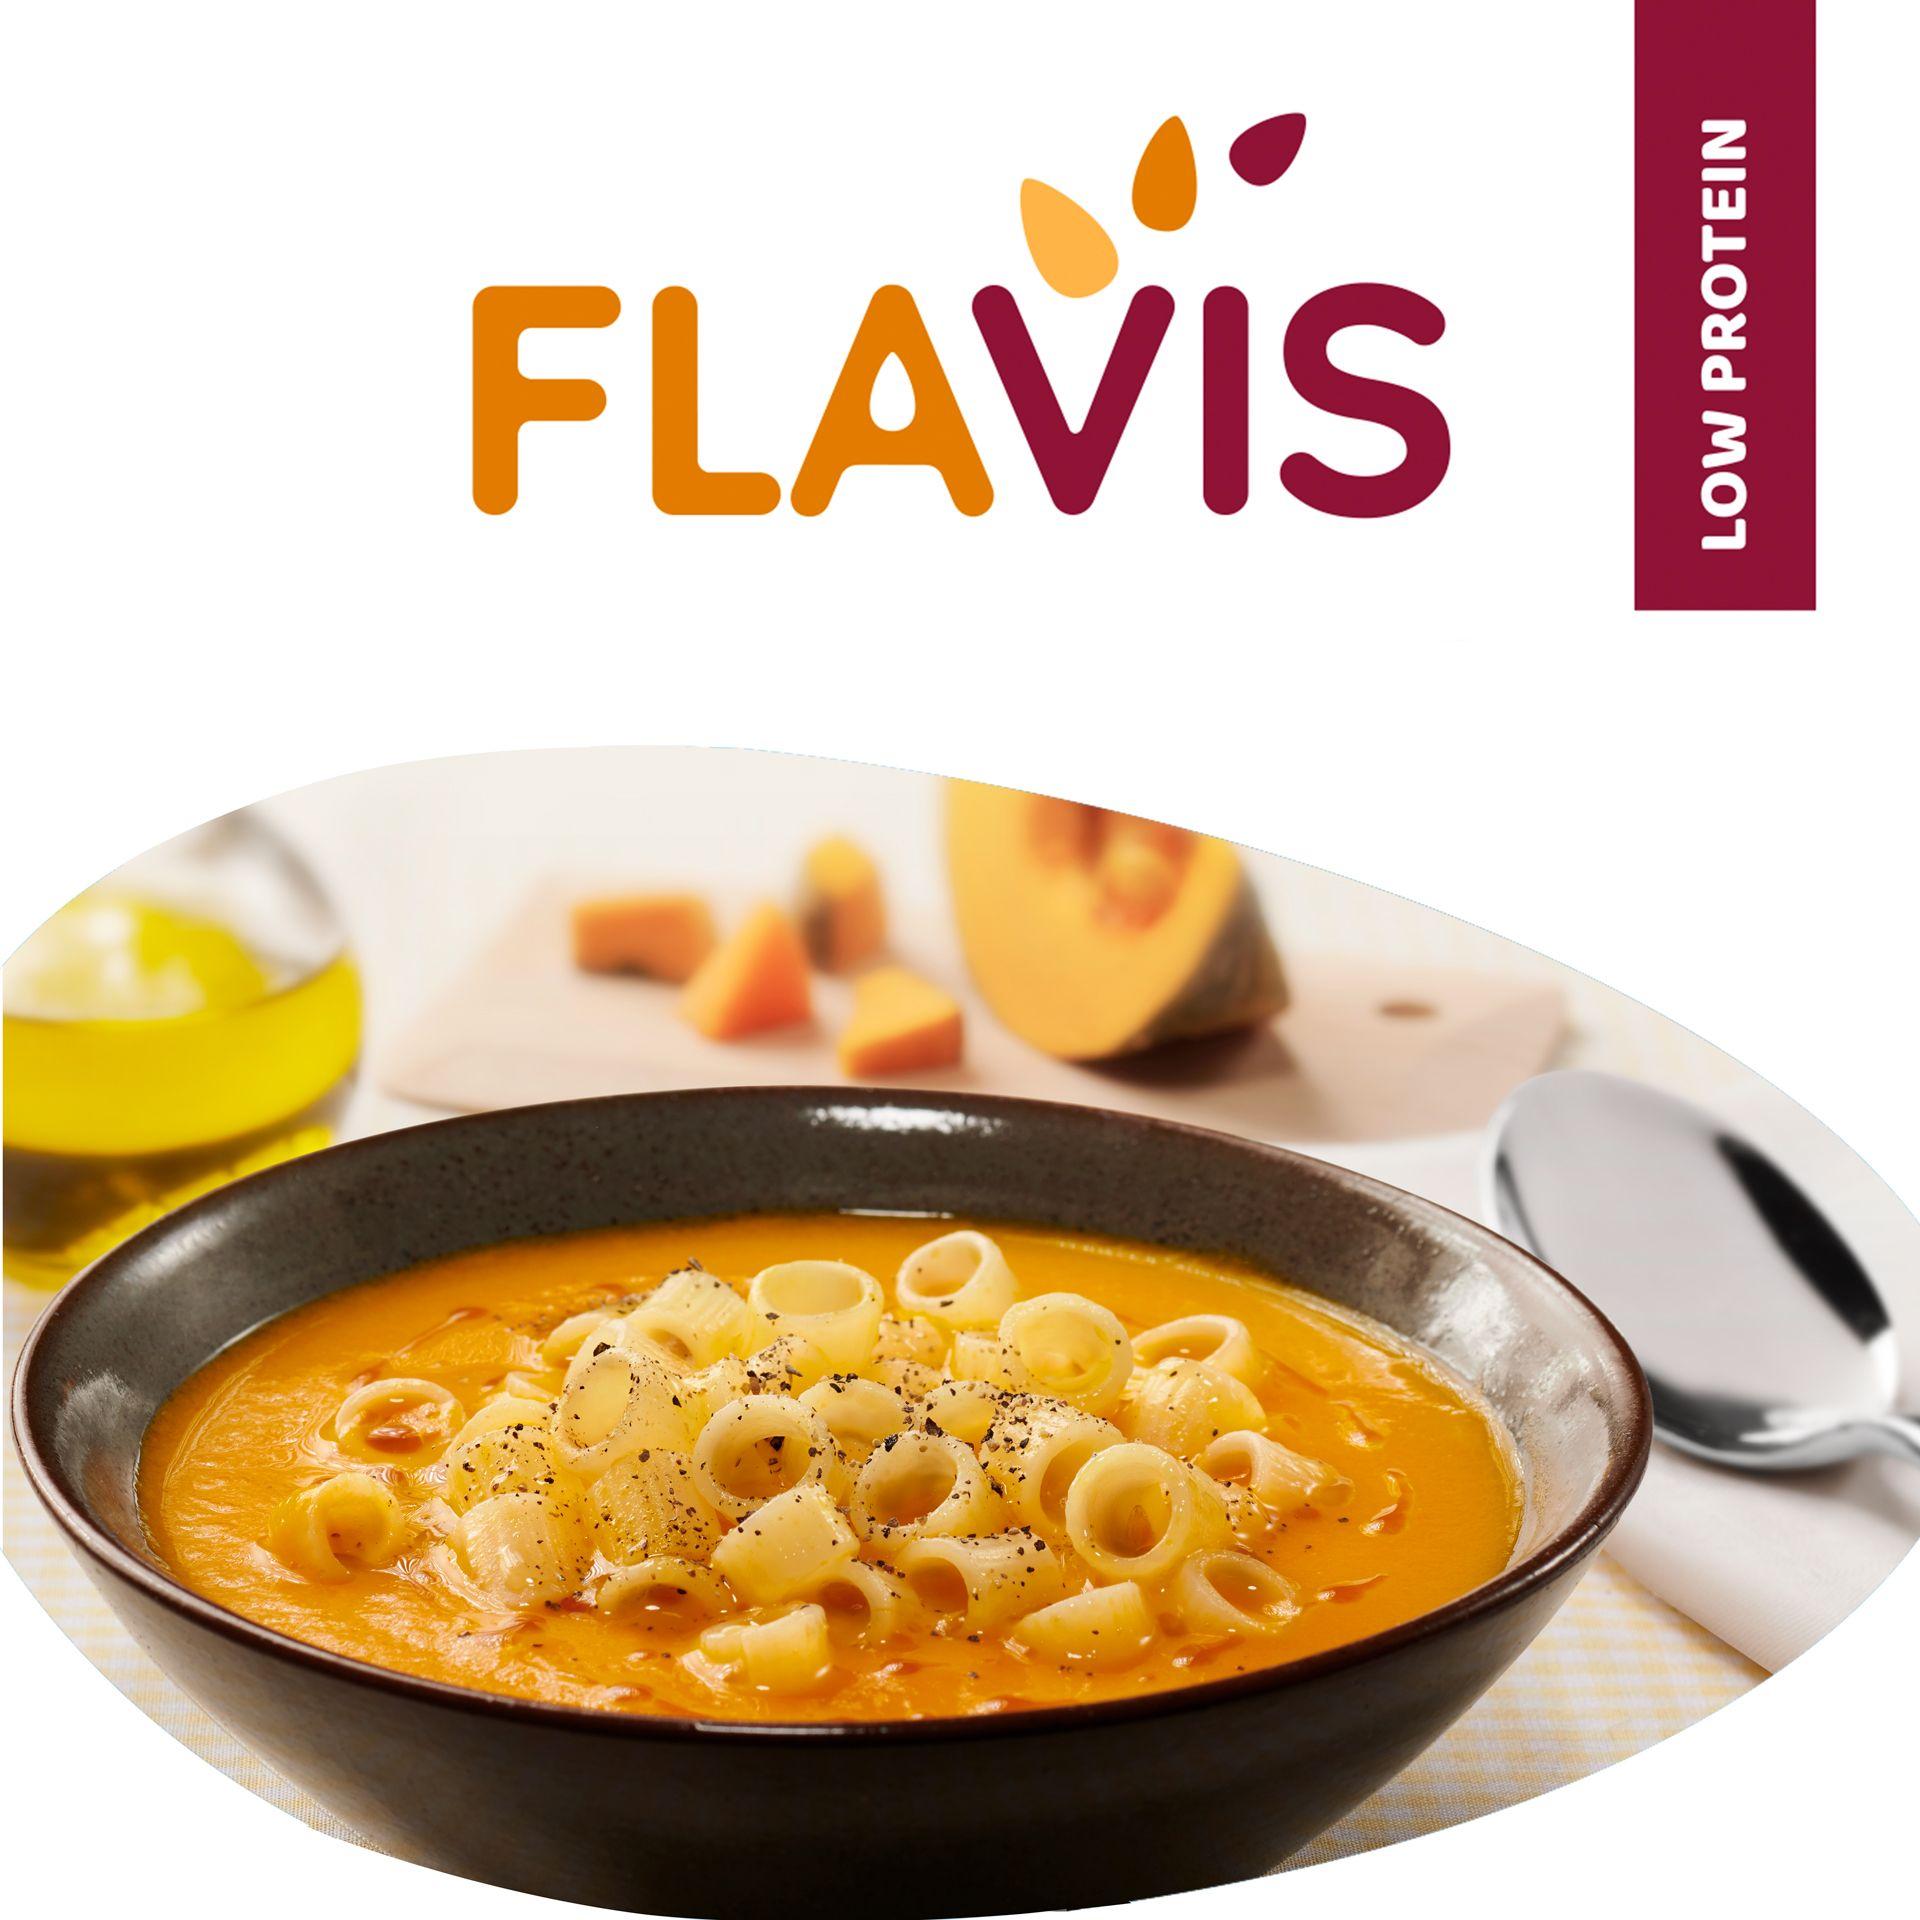 Flavis Packaging